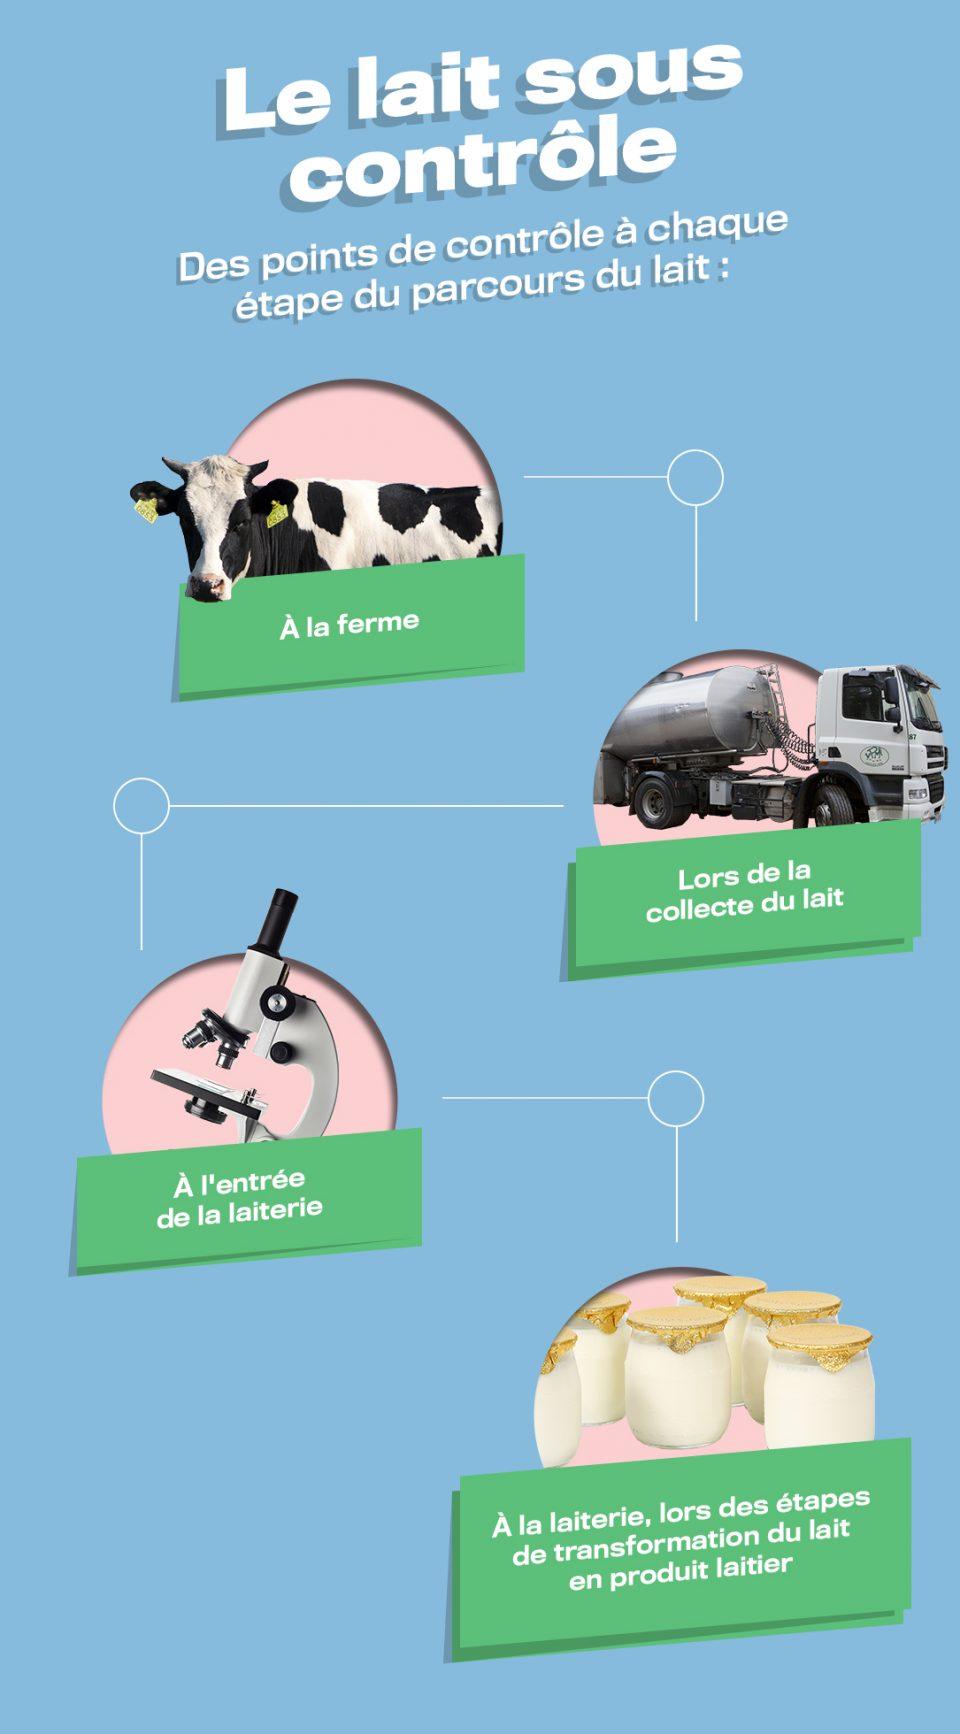 Les points de contrôle du lait